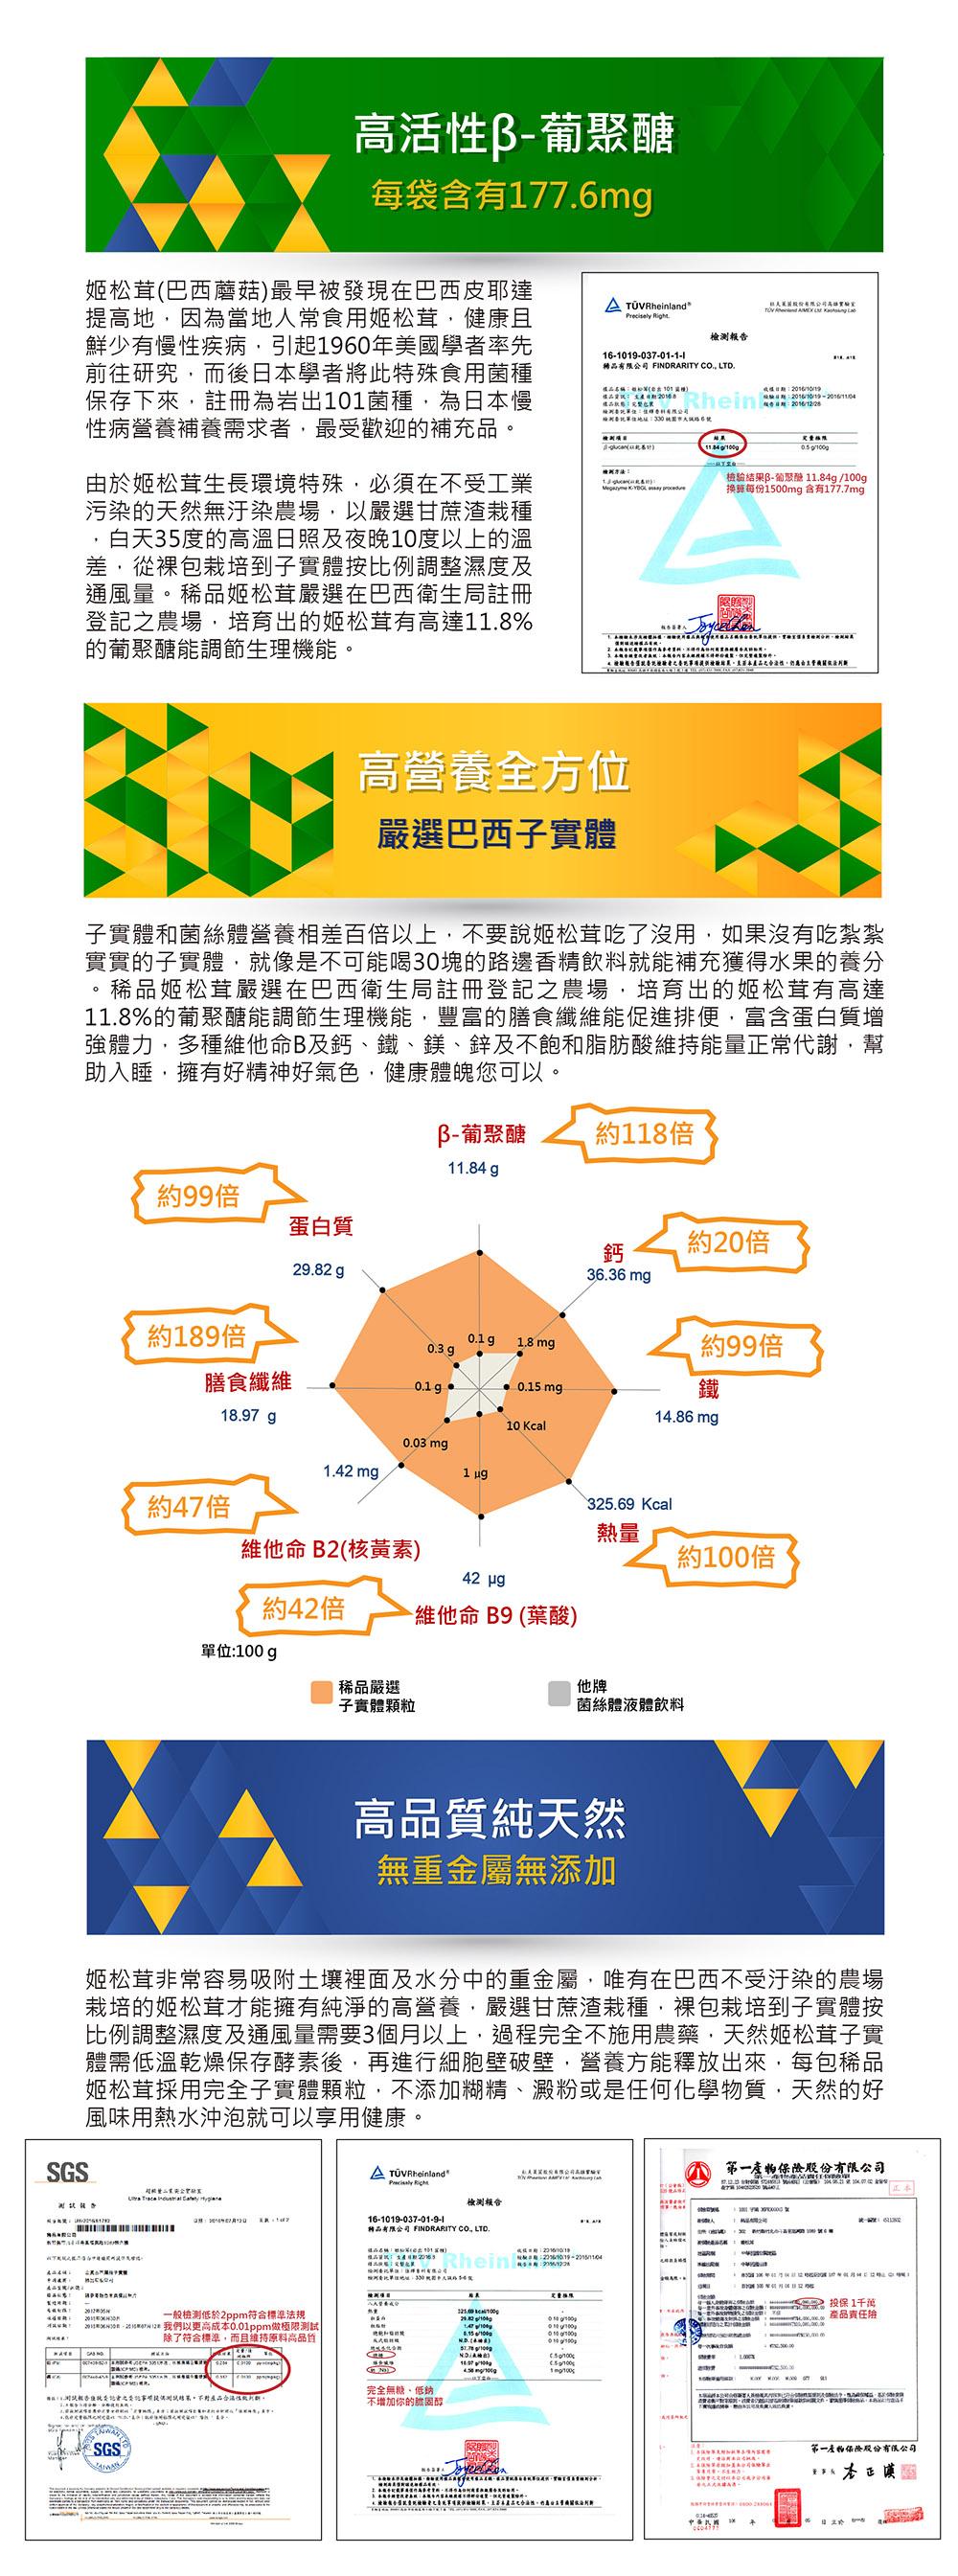 姬松茸,對姬松茸原料的高要求 對合作工廠的高要求,高血壓,高血脂,癌症,糖尿病,治癒,更勝牛樟芝,靈芝